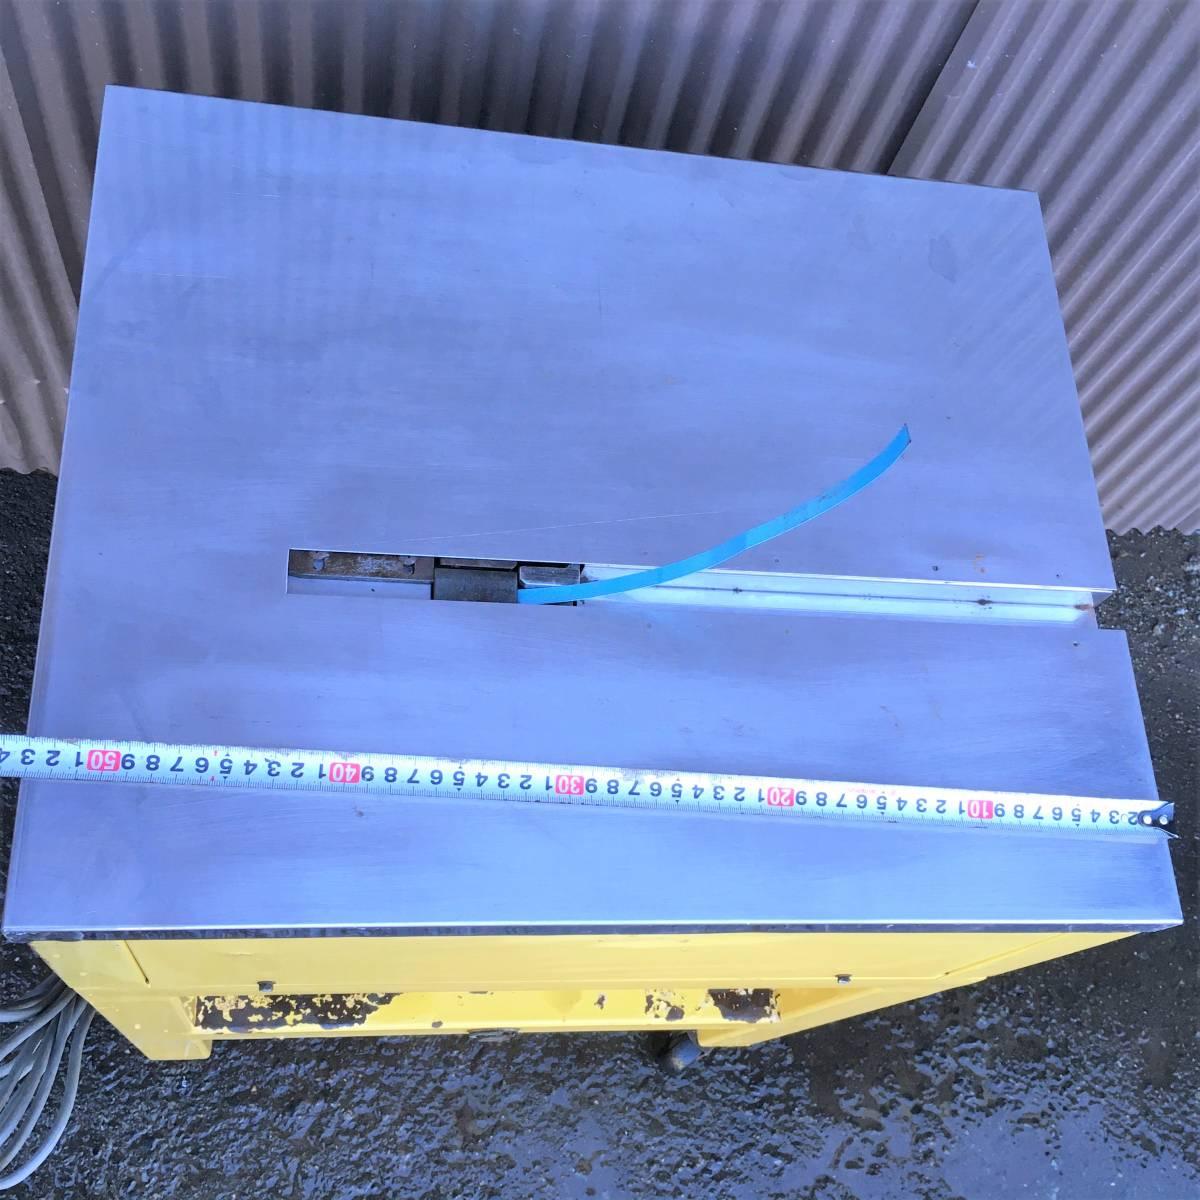 ストラパック/半自動梱包機/バンド結束機/S-662A/PPバンド付/キャスター付き可動式/梱包作業/StraPack/倉庫内_画像7